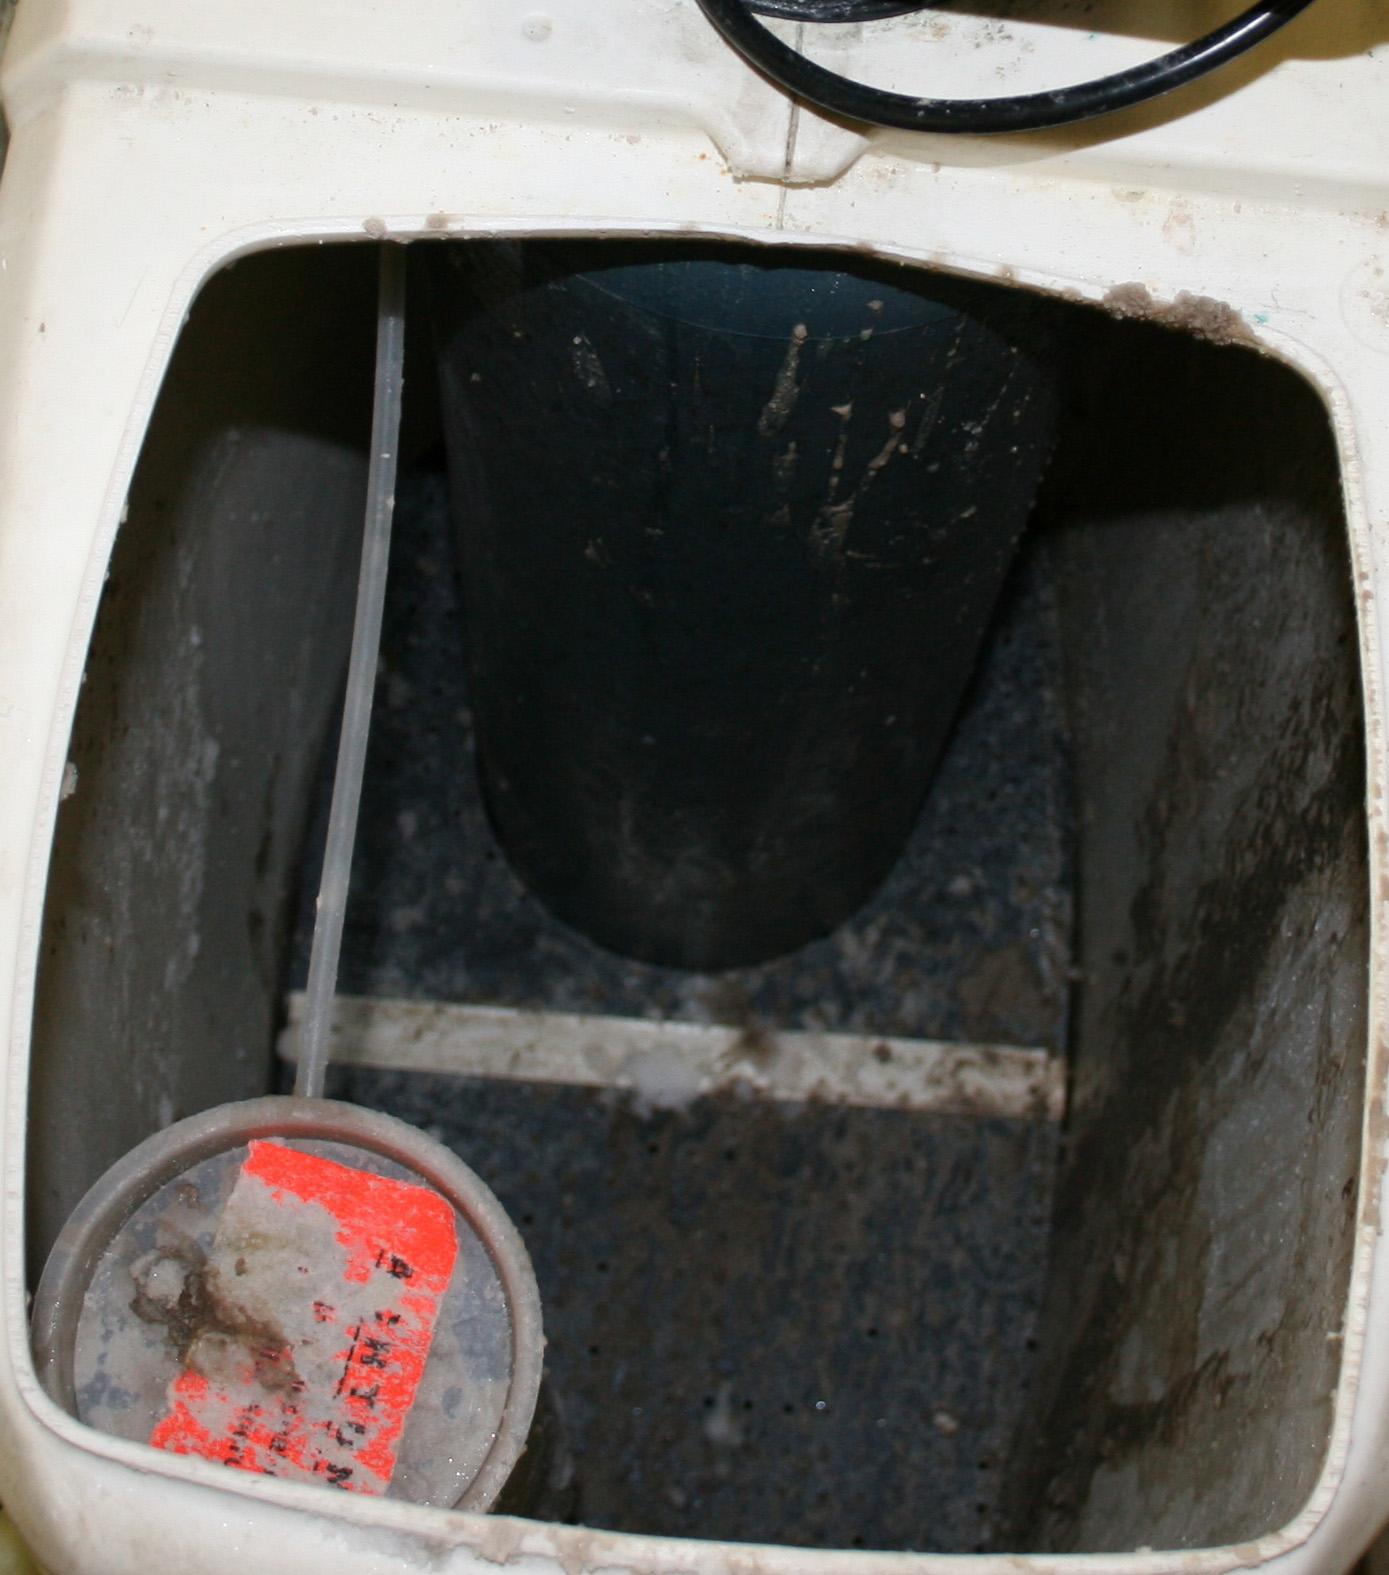 Desinfektion von einem Wasserenthärter